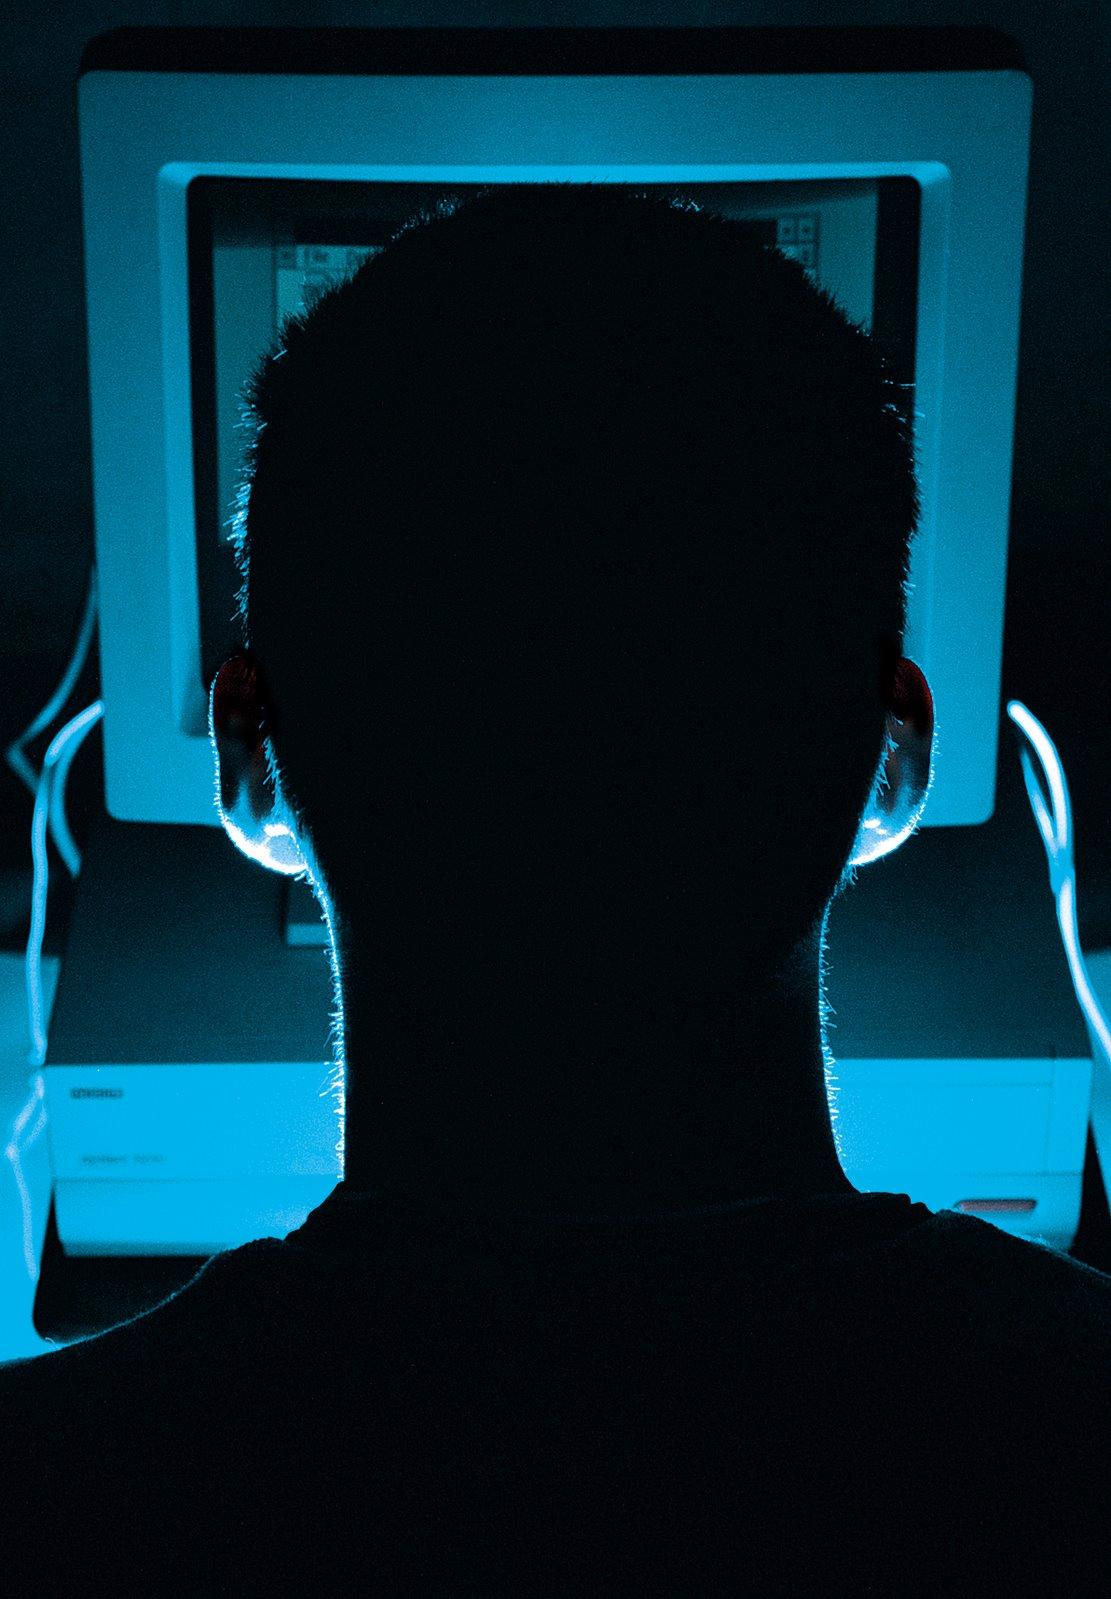 Pericolo hacker: è davverocosì?